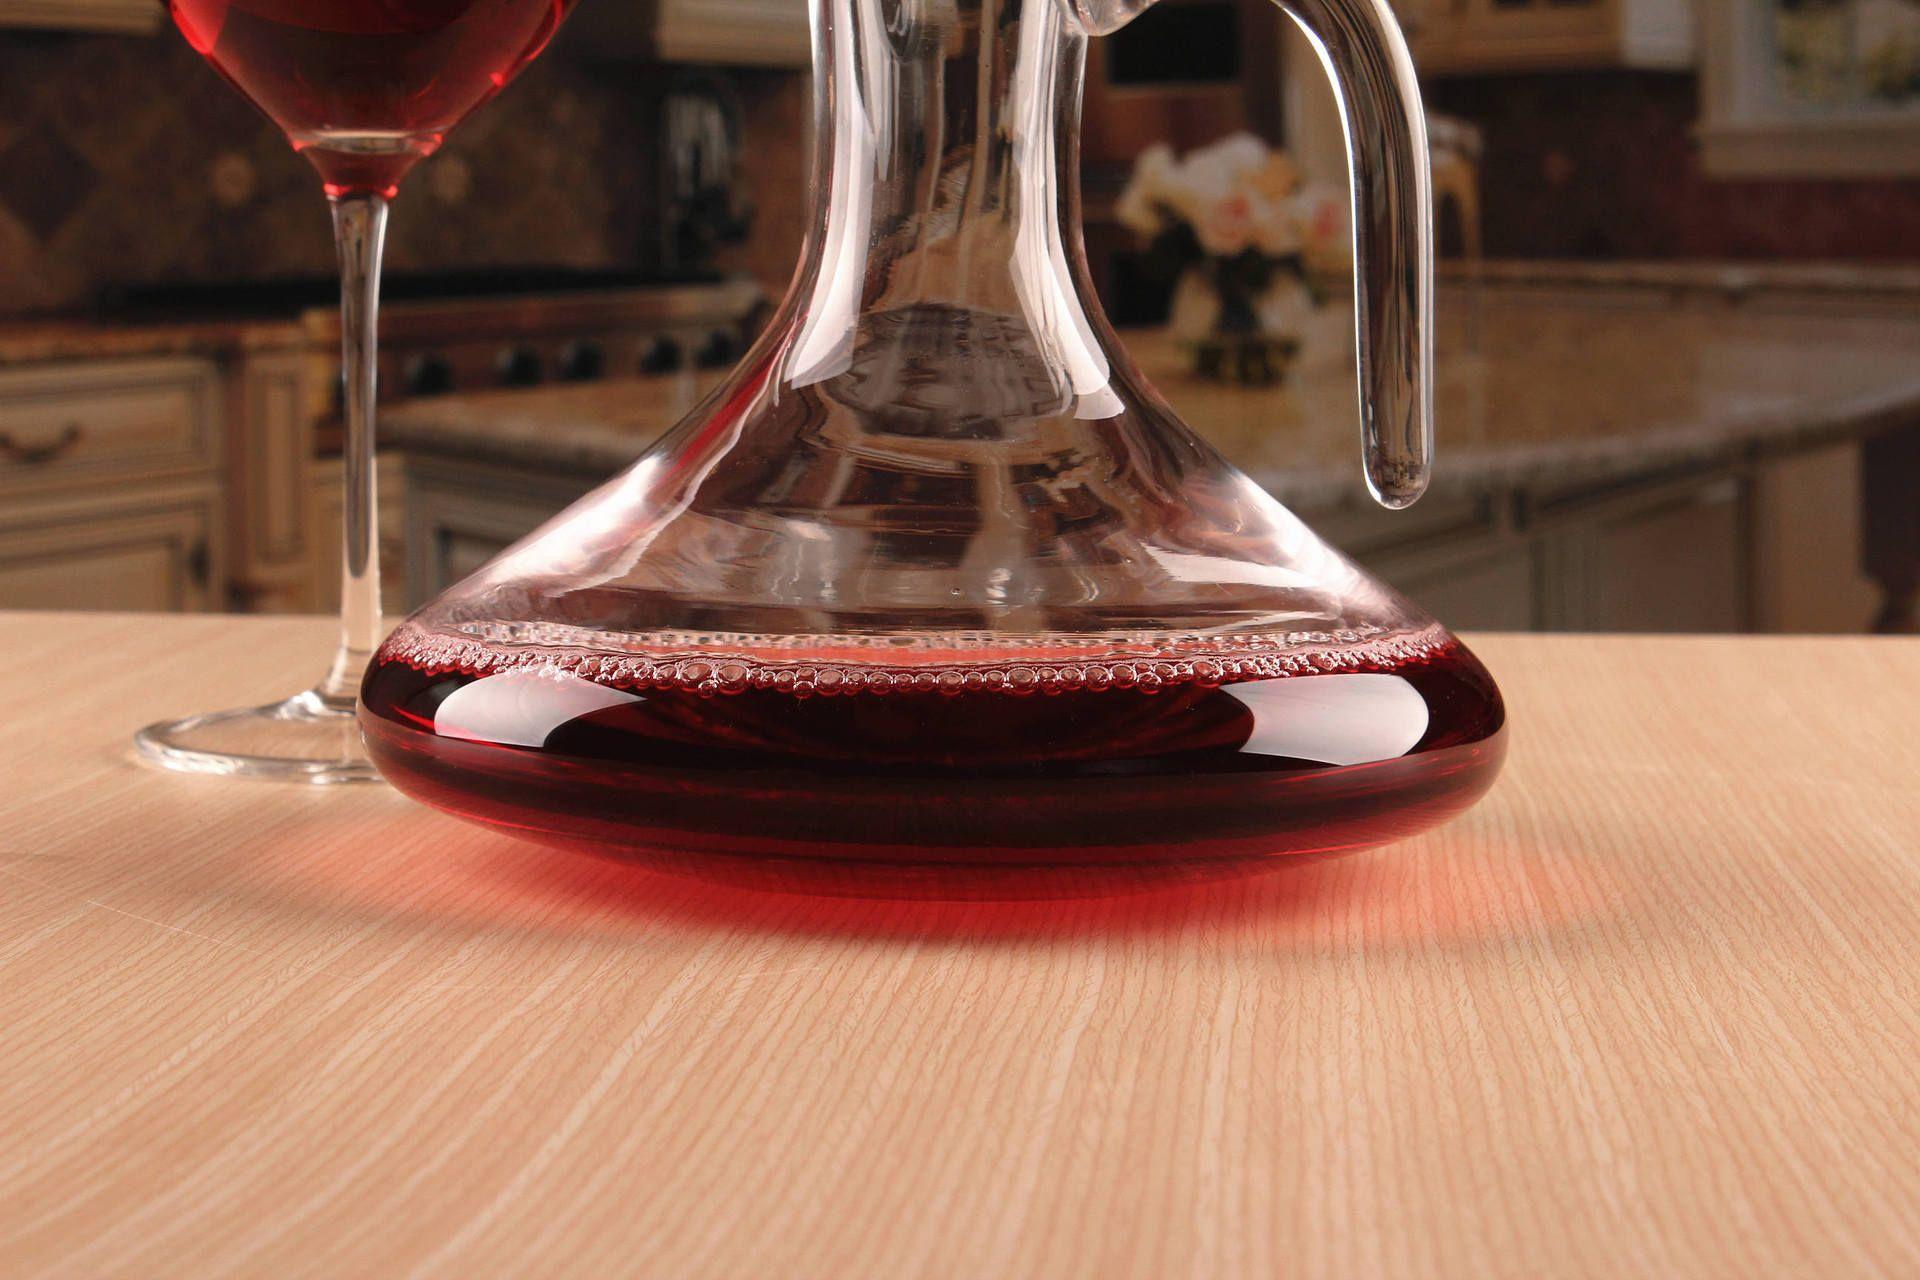 1500 ml Nouveau Verre Carafe Bec Bec De Verre Carafe De Vin Aérateur de Vin Conteneur Distributeur Carafe Bouteille Cruche verseur de vin J1112